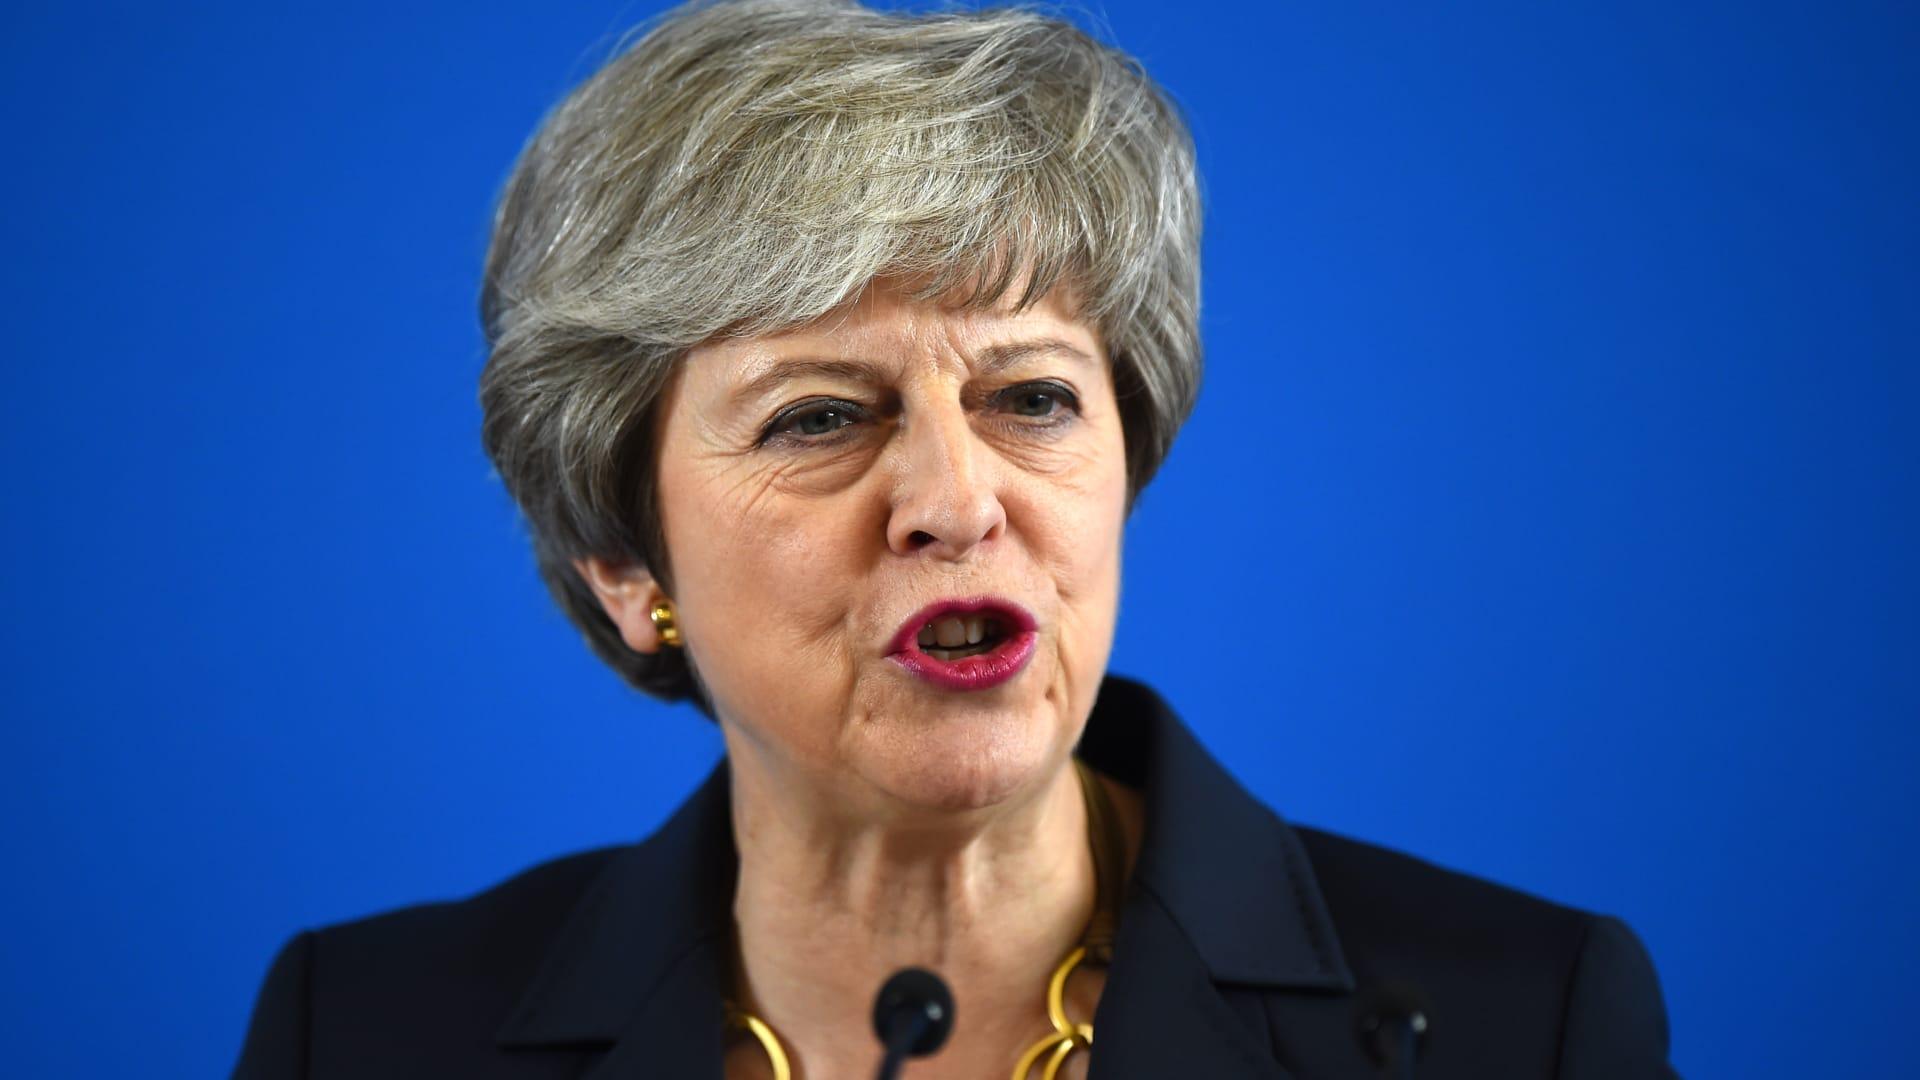 رئيسة وزراء بريطانيا توجه رسالة للمثليين: سأكون حليفكم الدائم